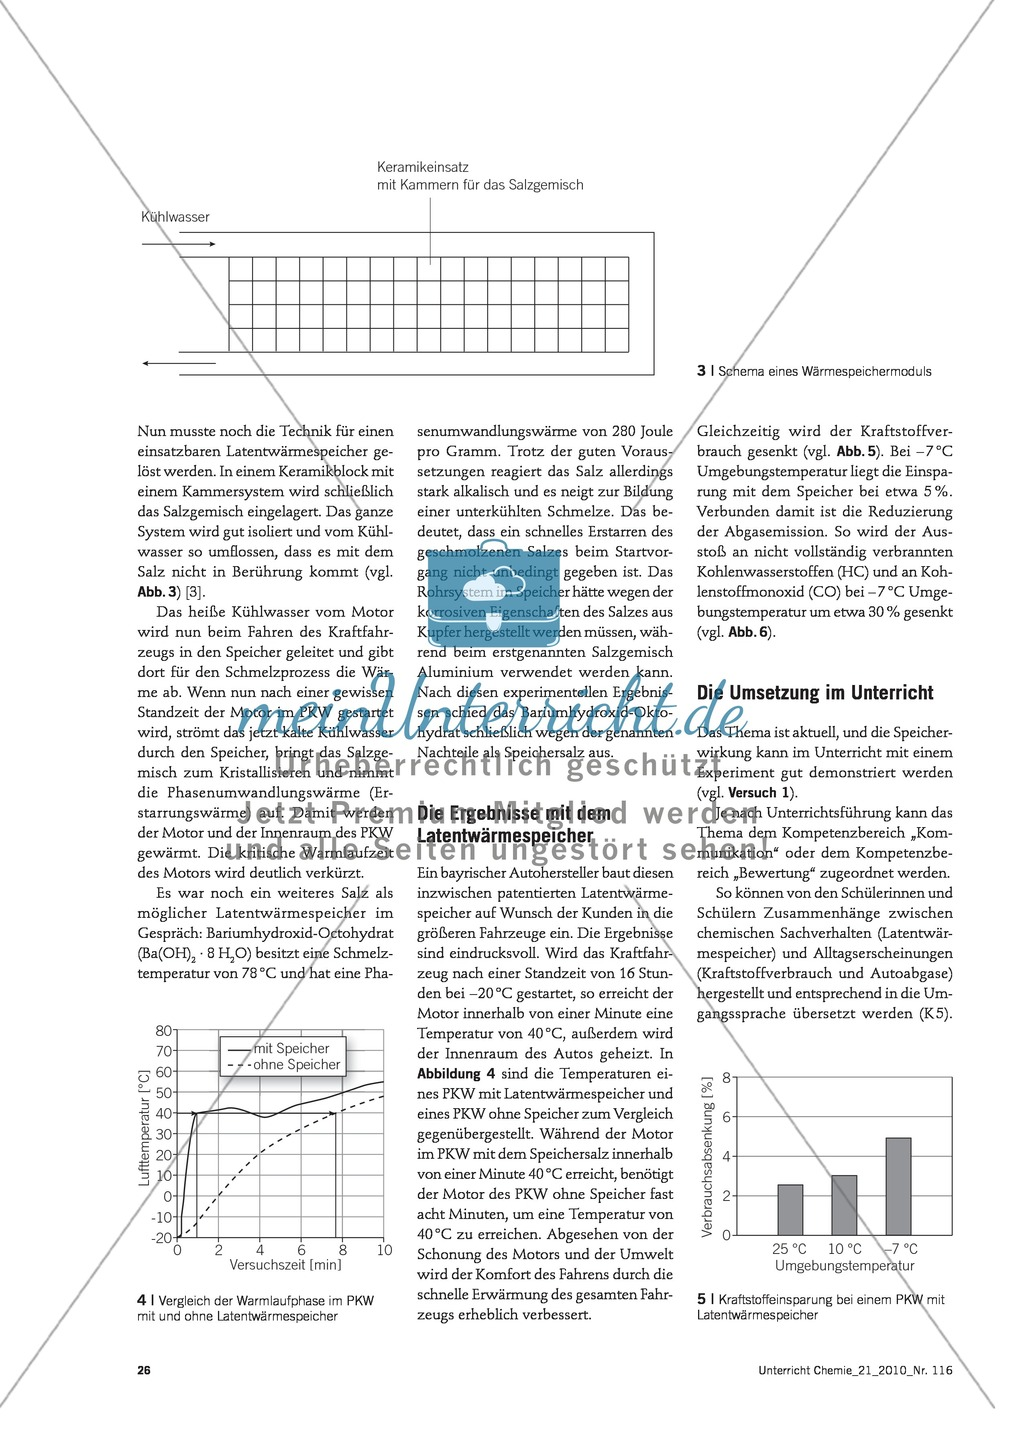 Latentwärmespeicher in Kraftfahrzeugen - Funktion, Material und Umsetzung im Unterricht Preview 2